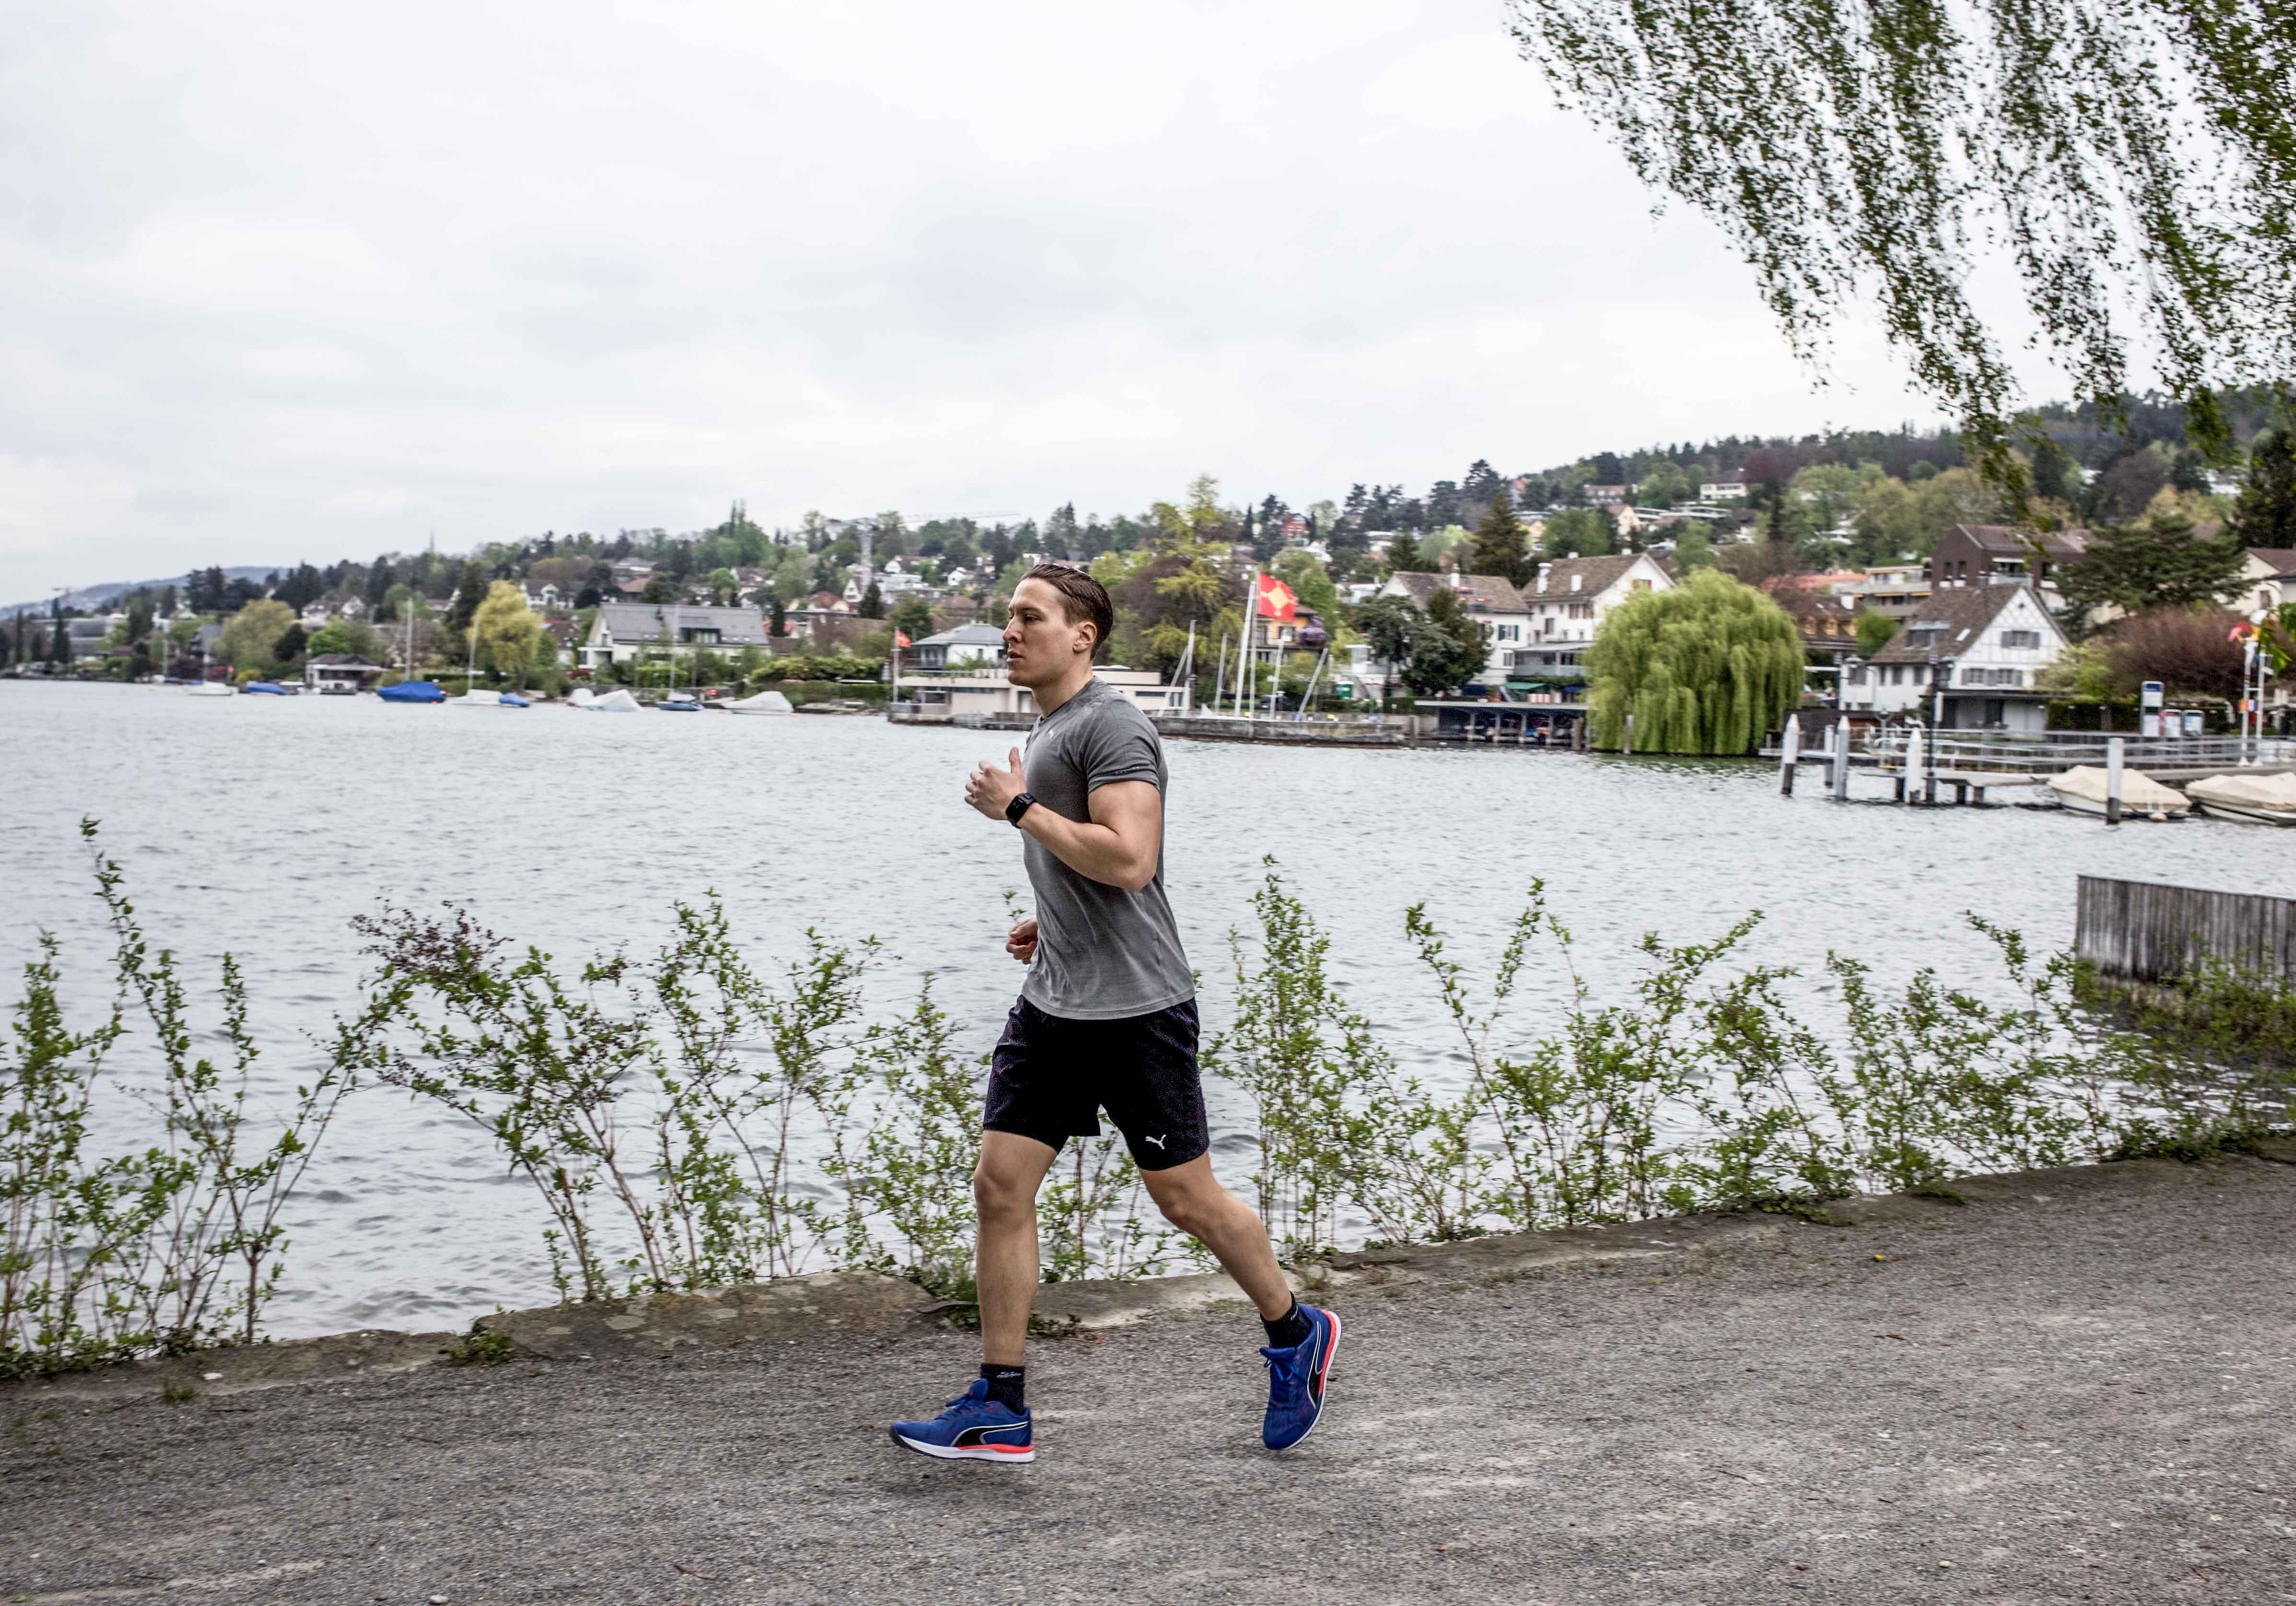 sport-running-laufen-gym-tipps-puma-training_7433